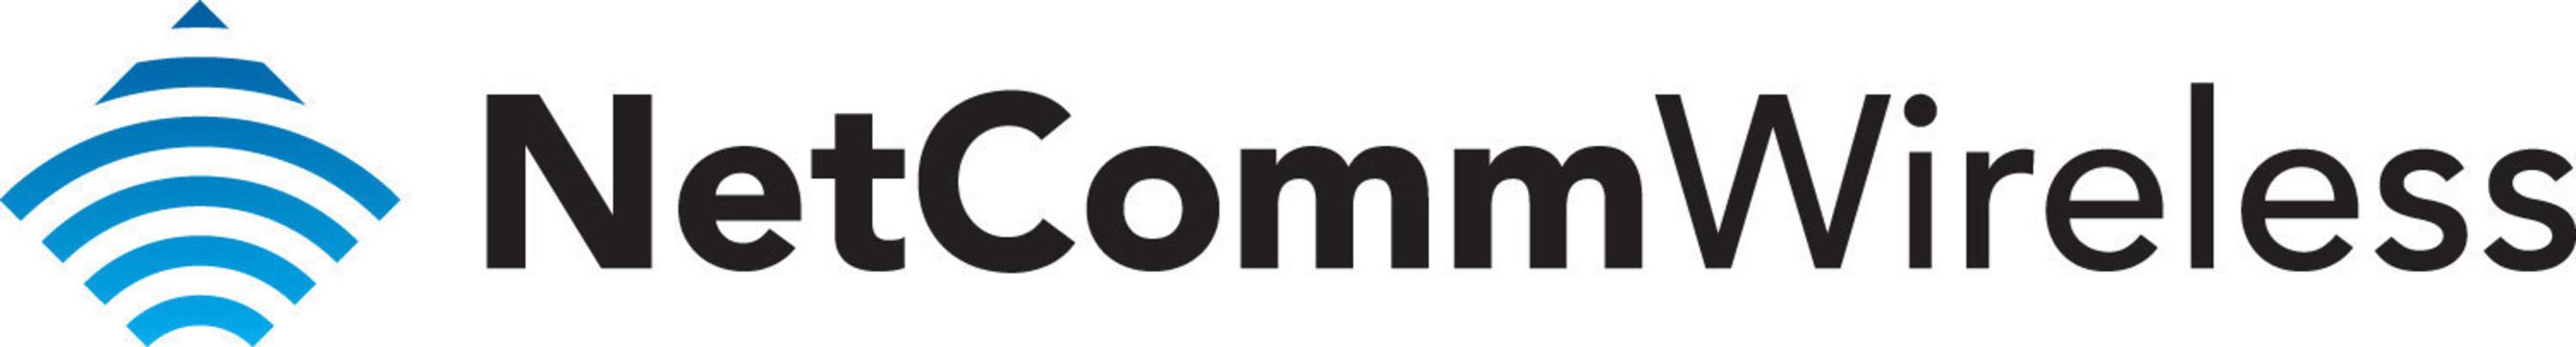 NetComm Wireless lance un nouveau routeur 4G M2M au prix compétitif